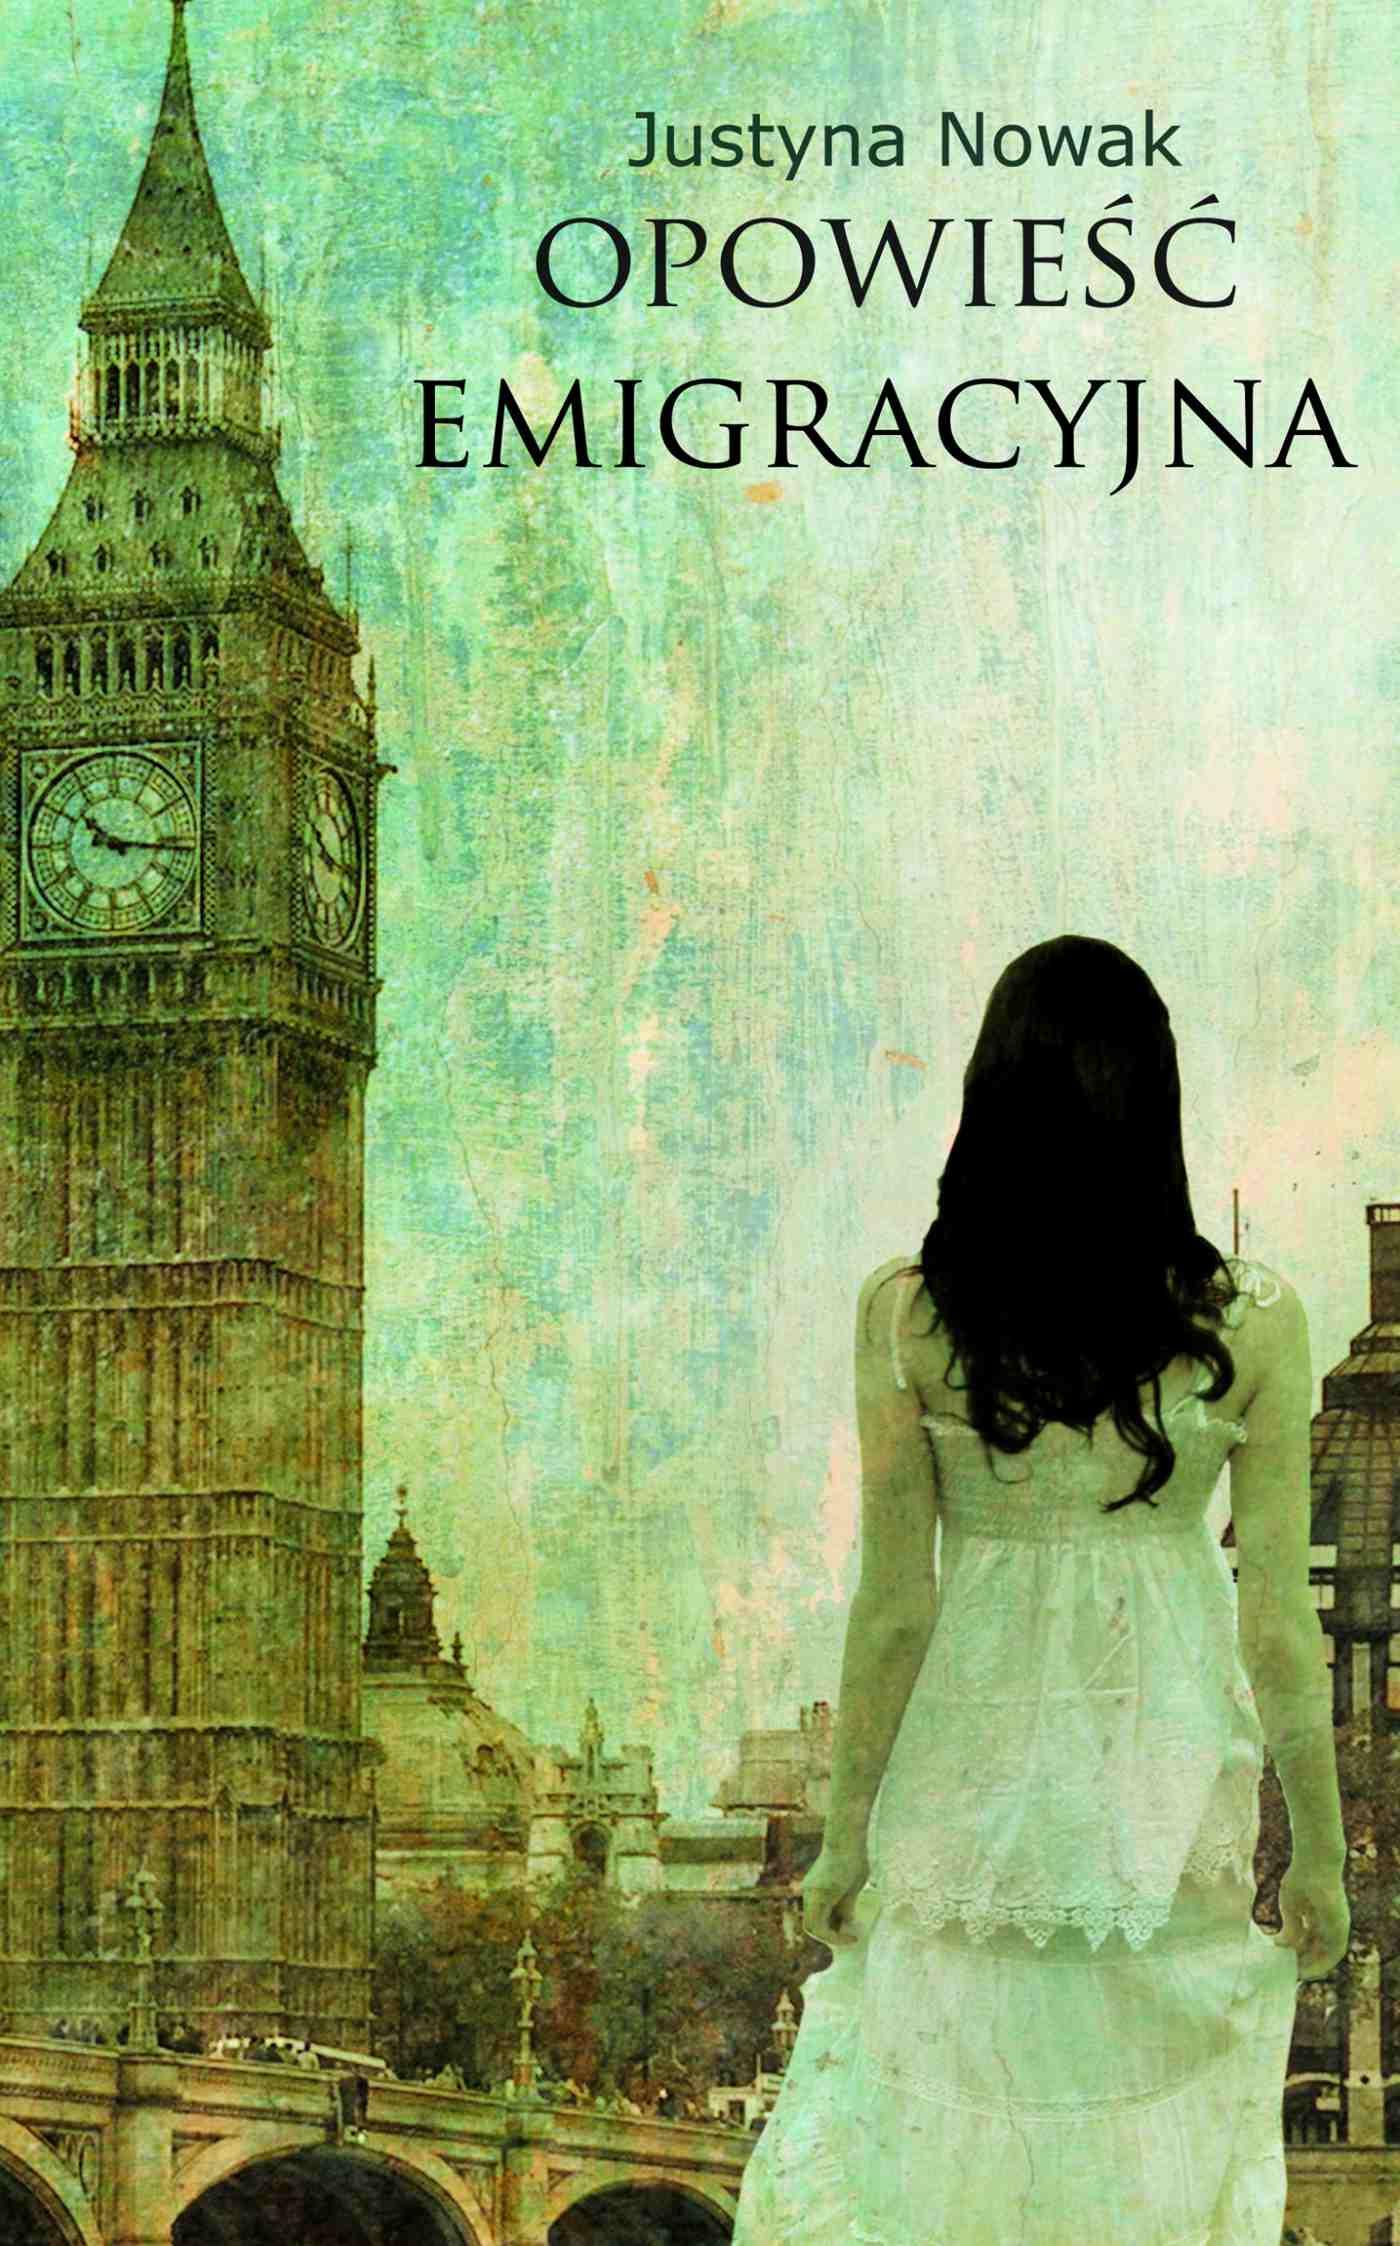 Opowieść emigracyjna - Ebook (Książka EPUB) do pobrania w formacie EPUB